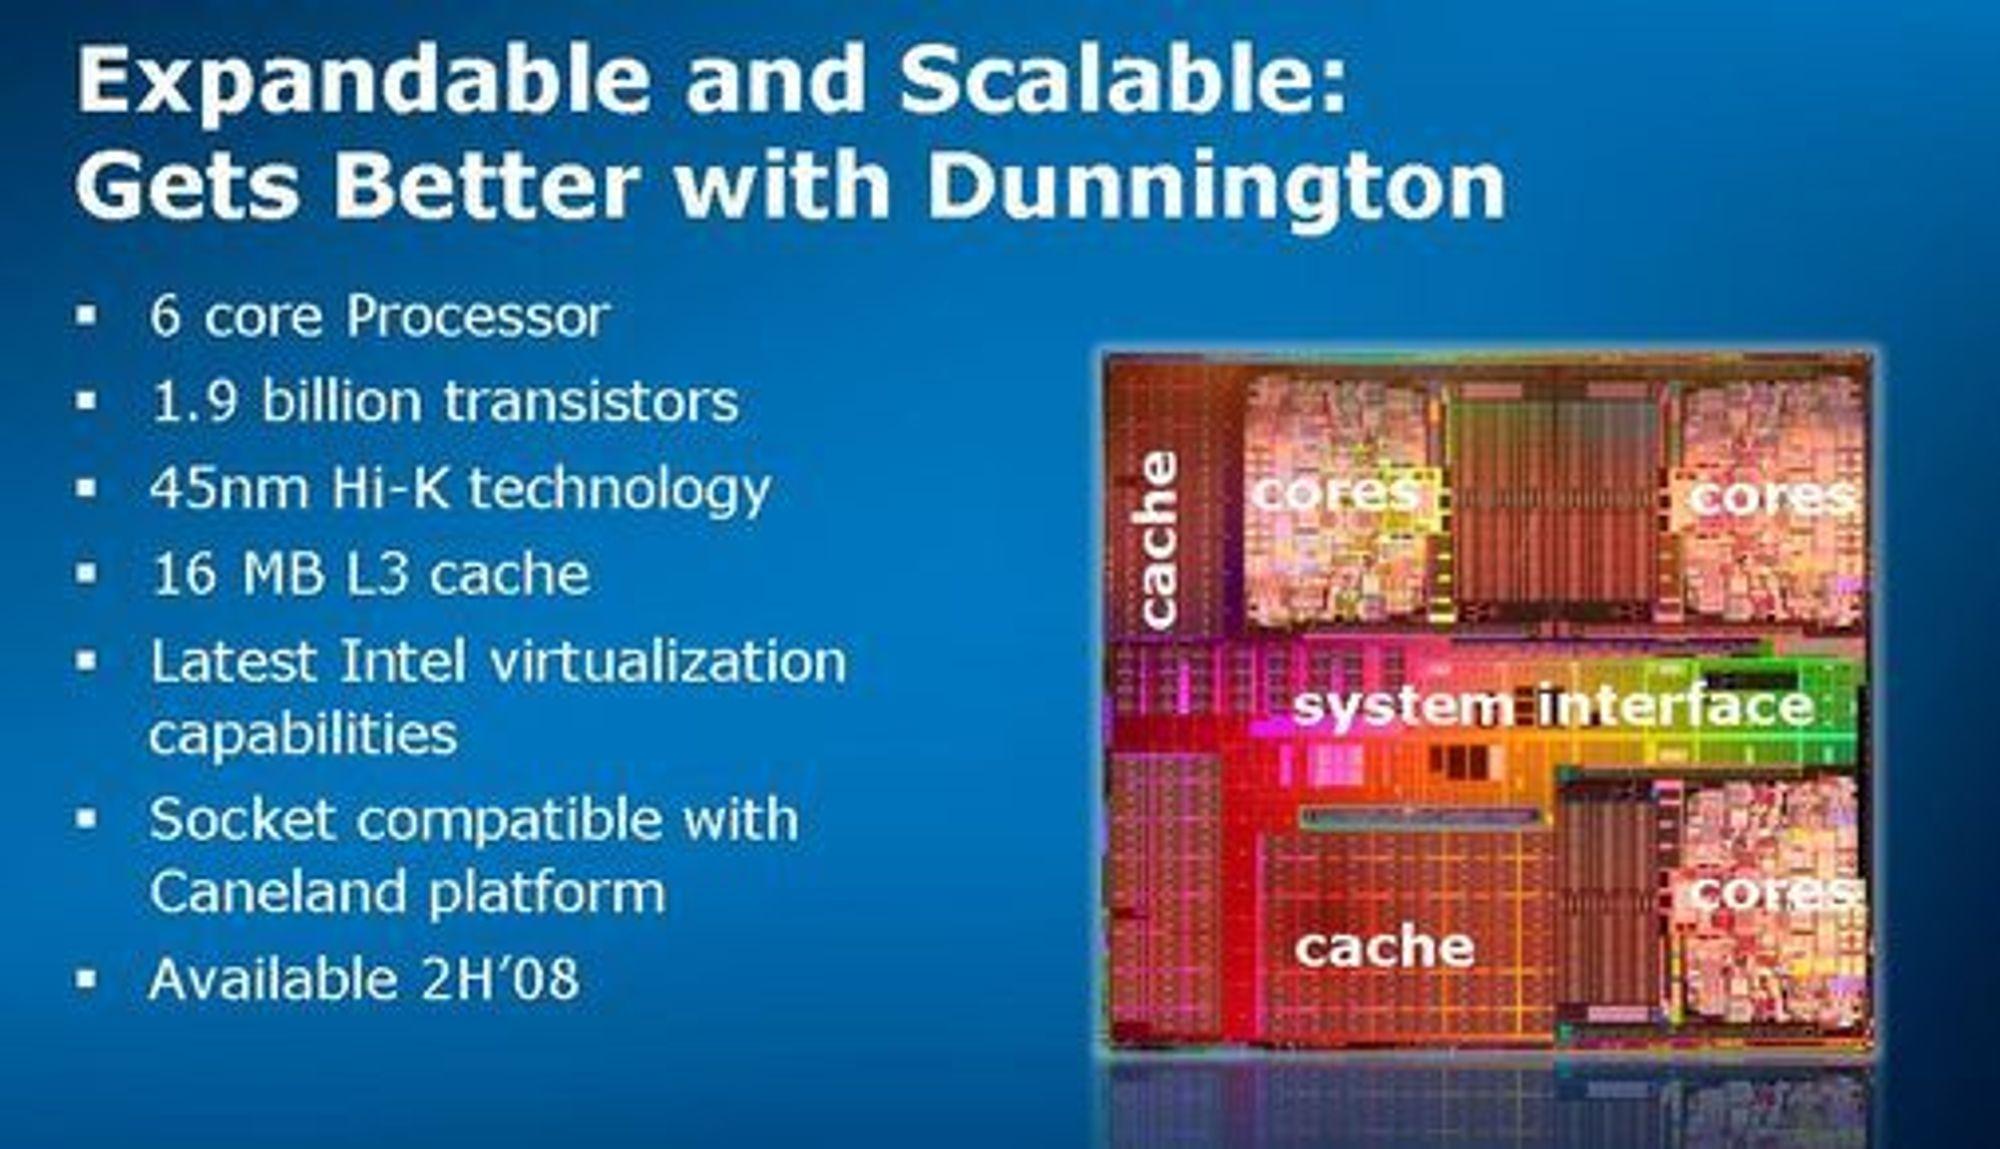 Slik ble Dunnington, siden oomdøpt til Xeon 7400, beskrevet i en presentasjon i mai 2008.